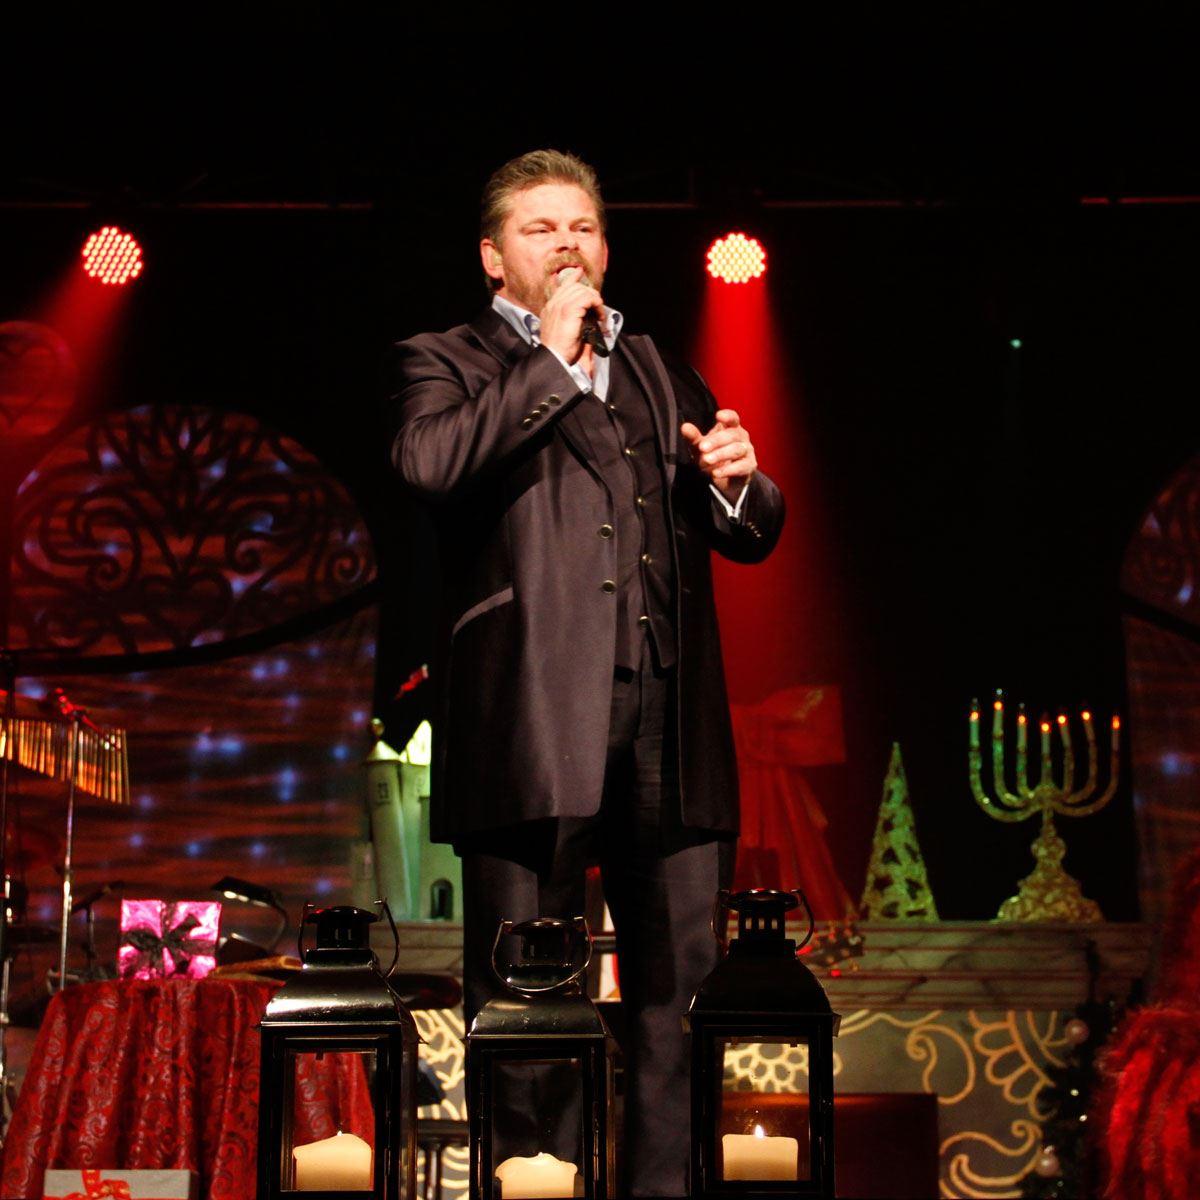 Weihnacht Koncert mit Stig Rossen